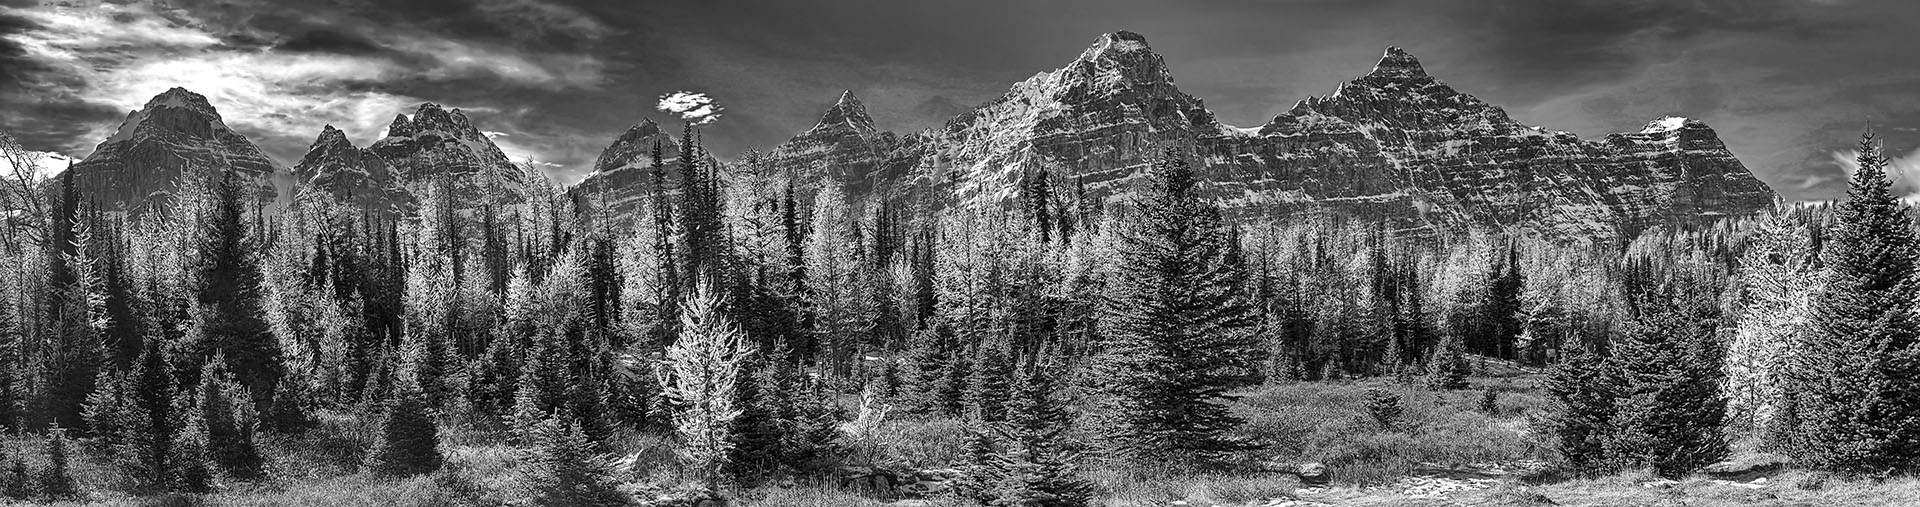 Ten_Peaks_Larch_Valley_TL191B